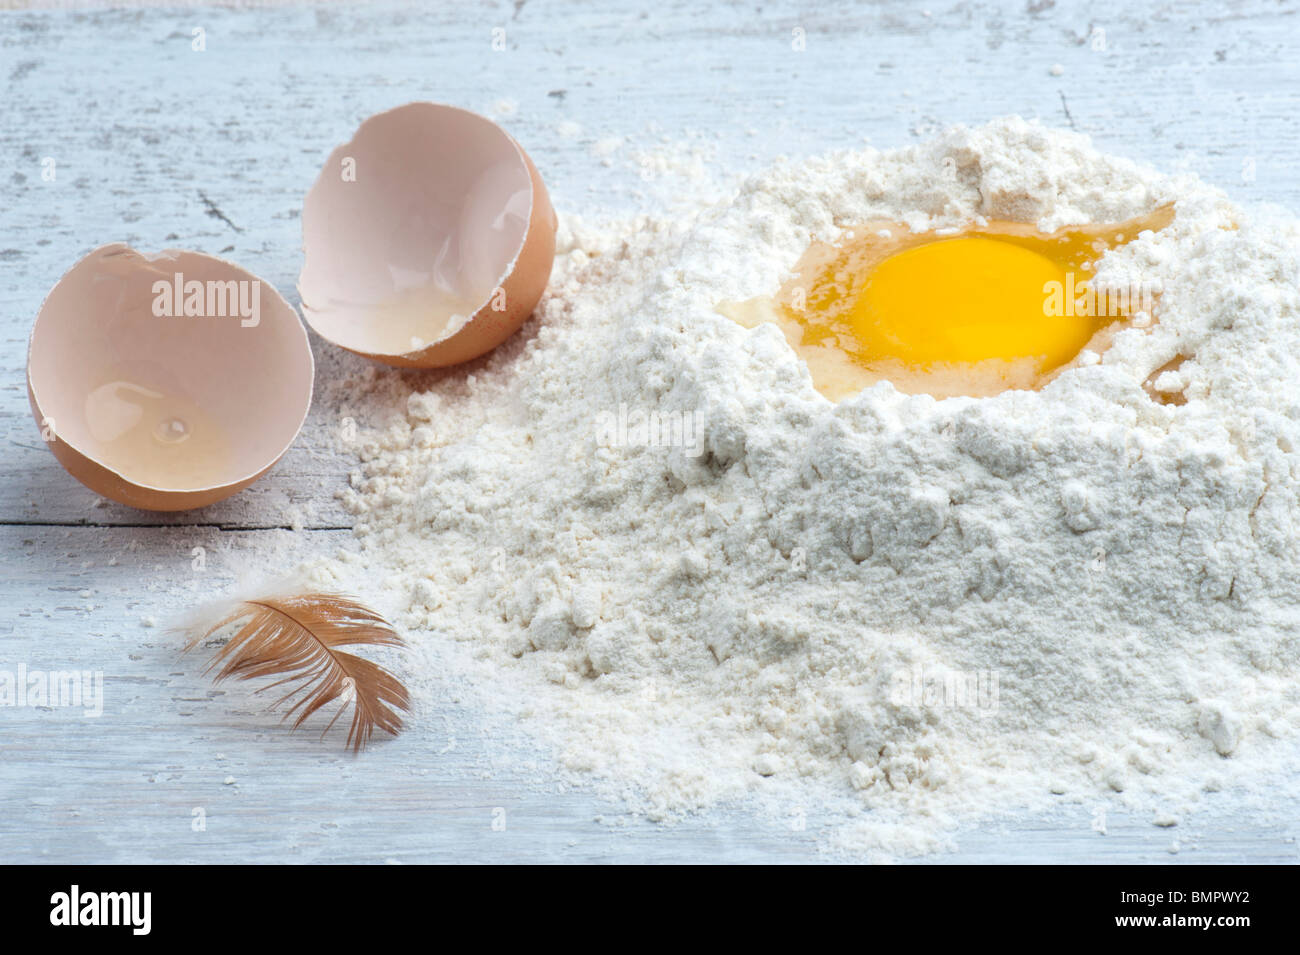 Une fissure d'oeuf dans un peu de farine, avec le Shell et une plume de poule sur le côté Photo Stock